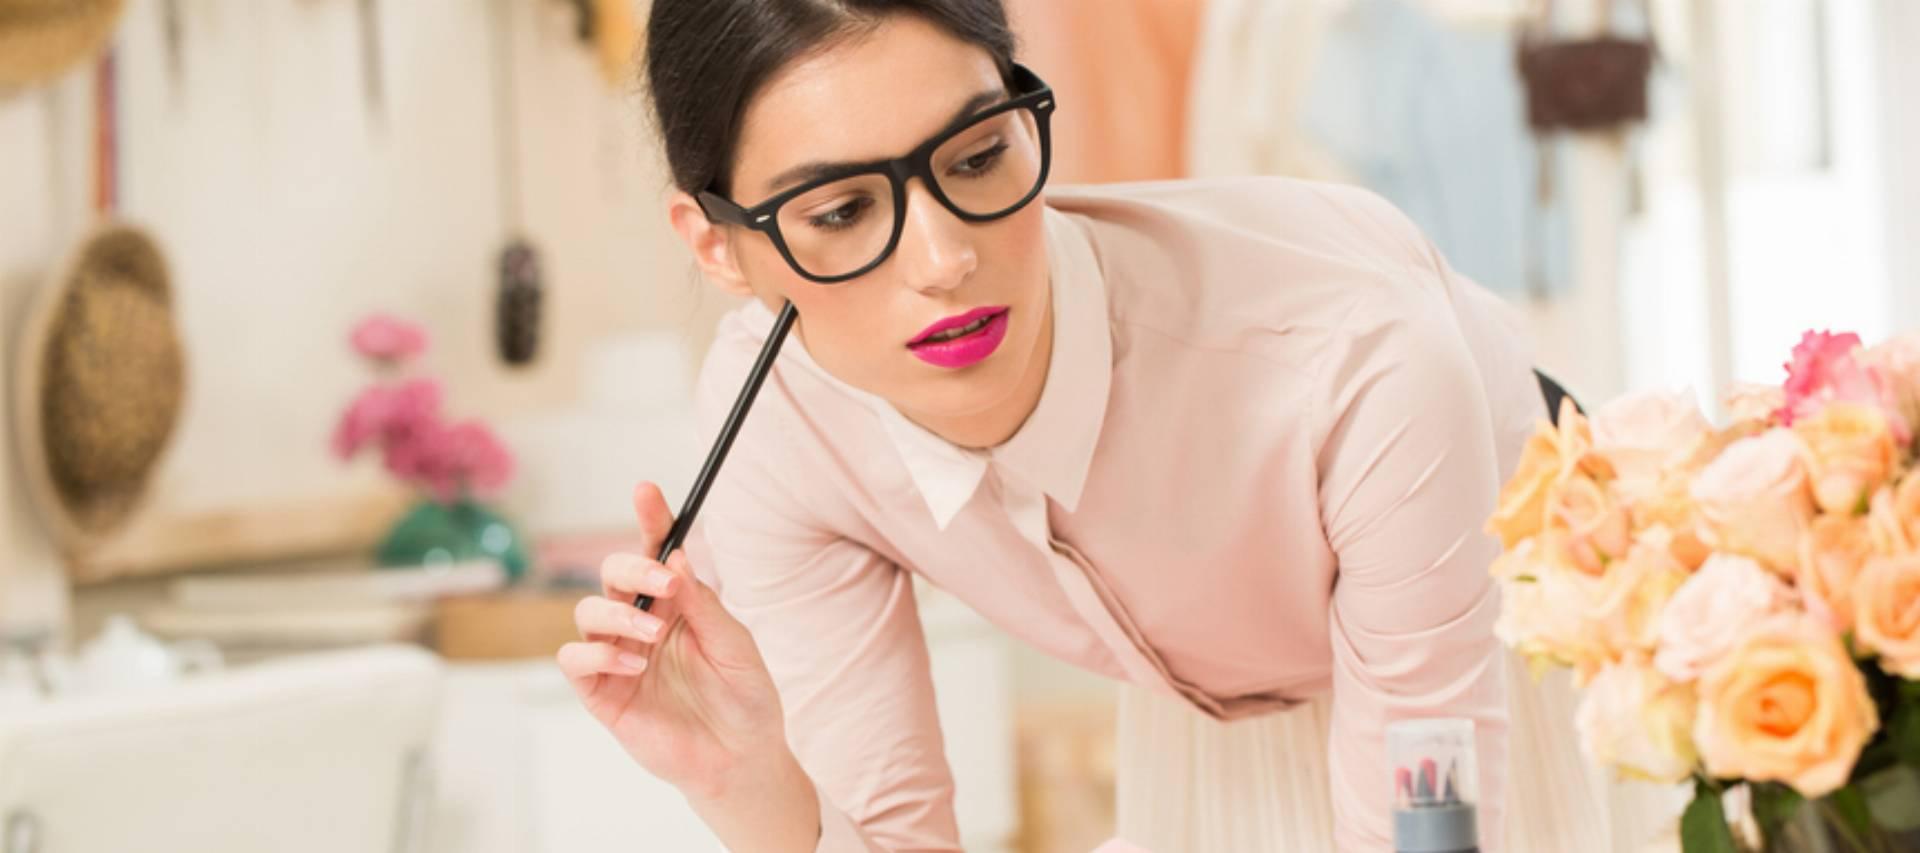 Fashion Designer Sketching at Her Studio